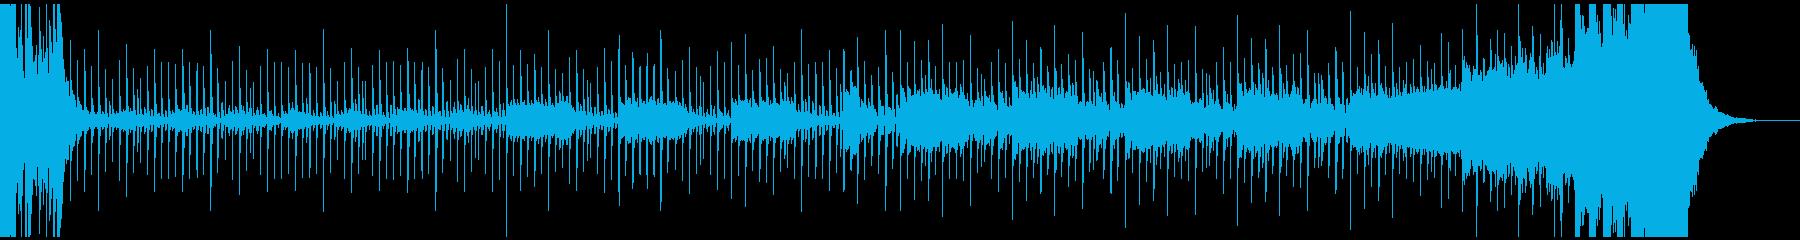 クイズシンキングタイムSE60秒タイプの再生済みの波形